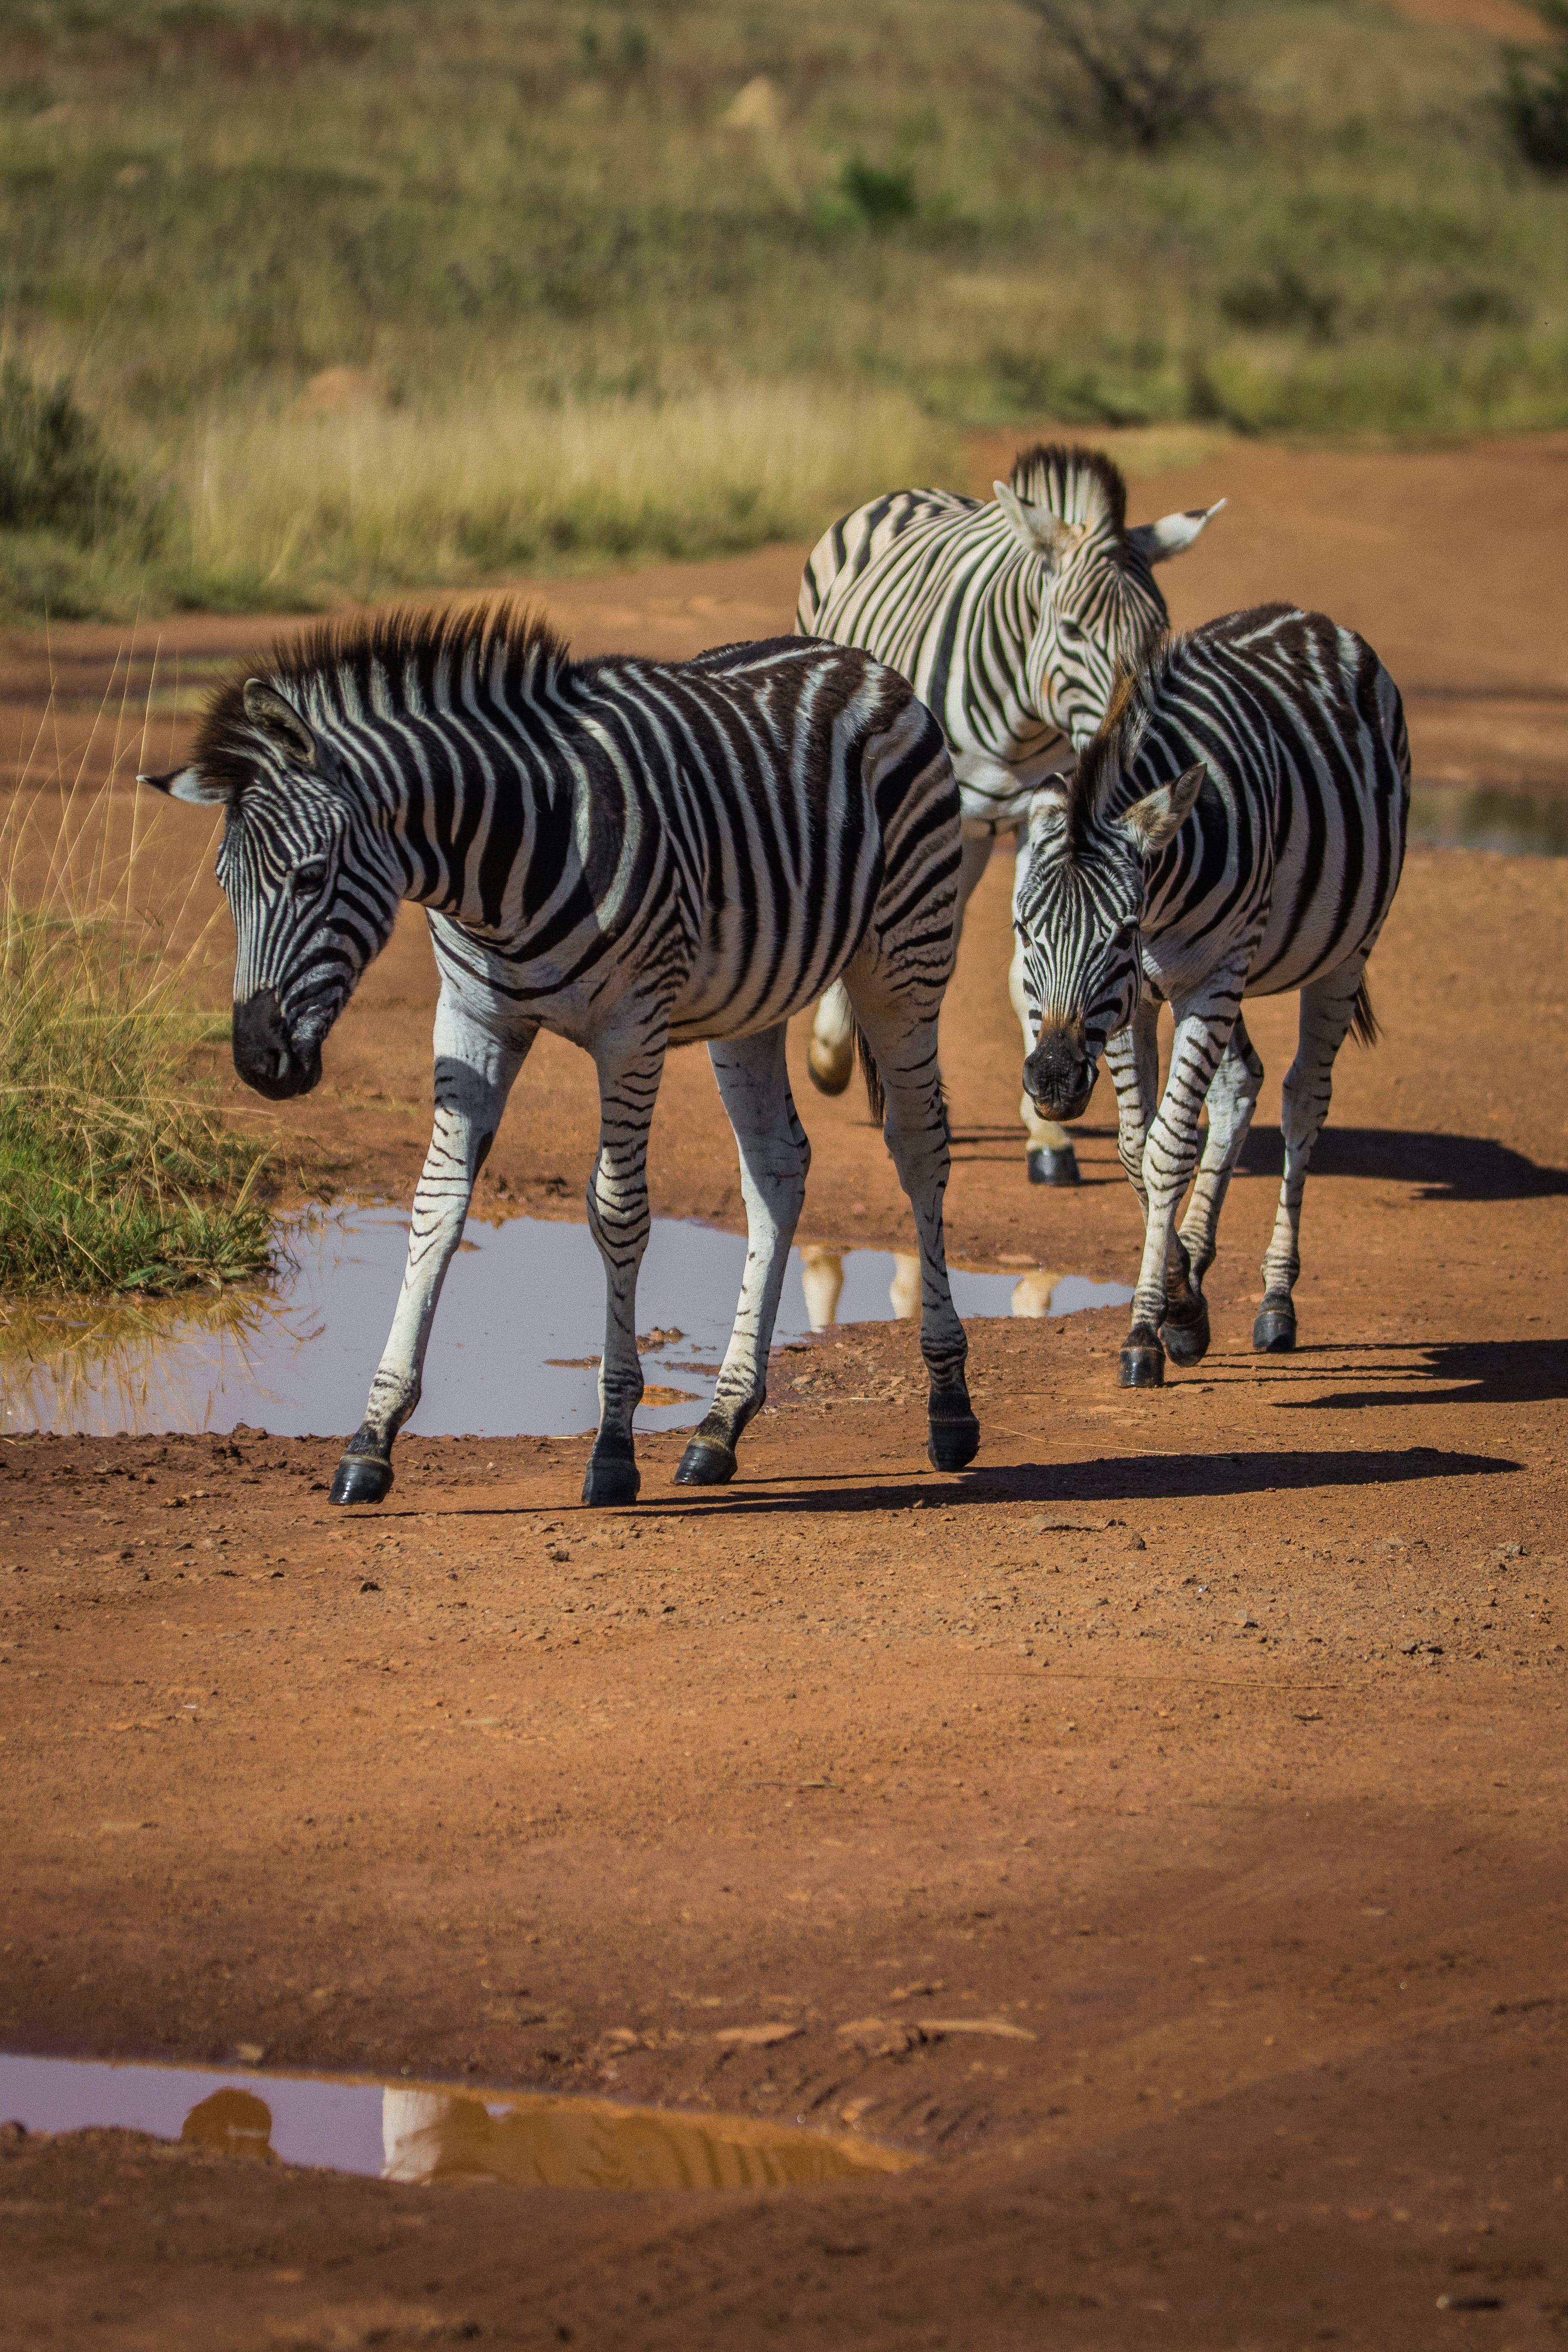 哺乳動物, 天性, 斑馬, 沙漠 的